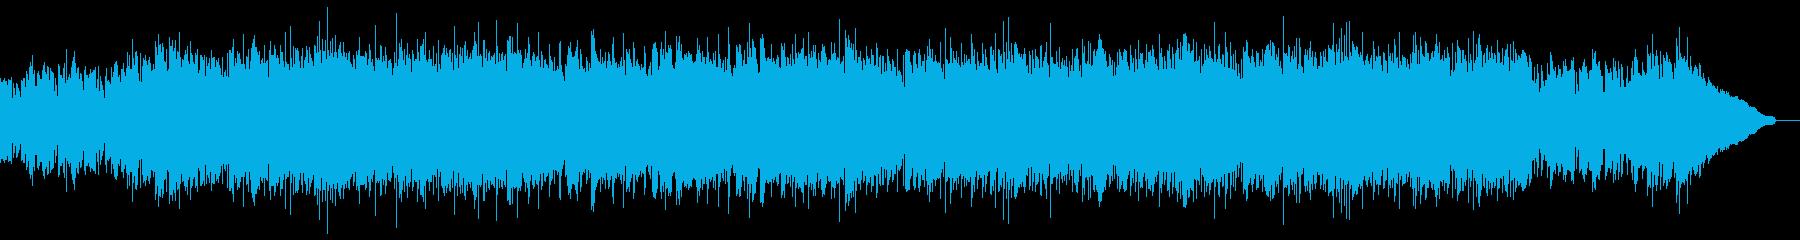 生演奏アコギ・CMや映像・ワイルドの再生済みの波形